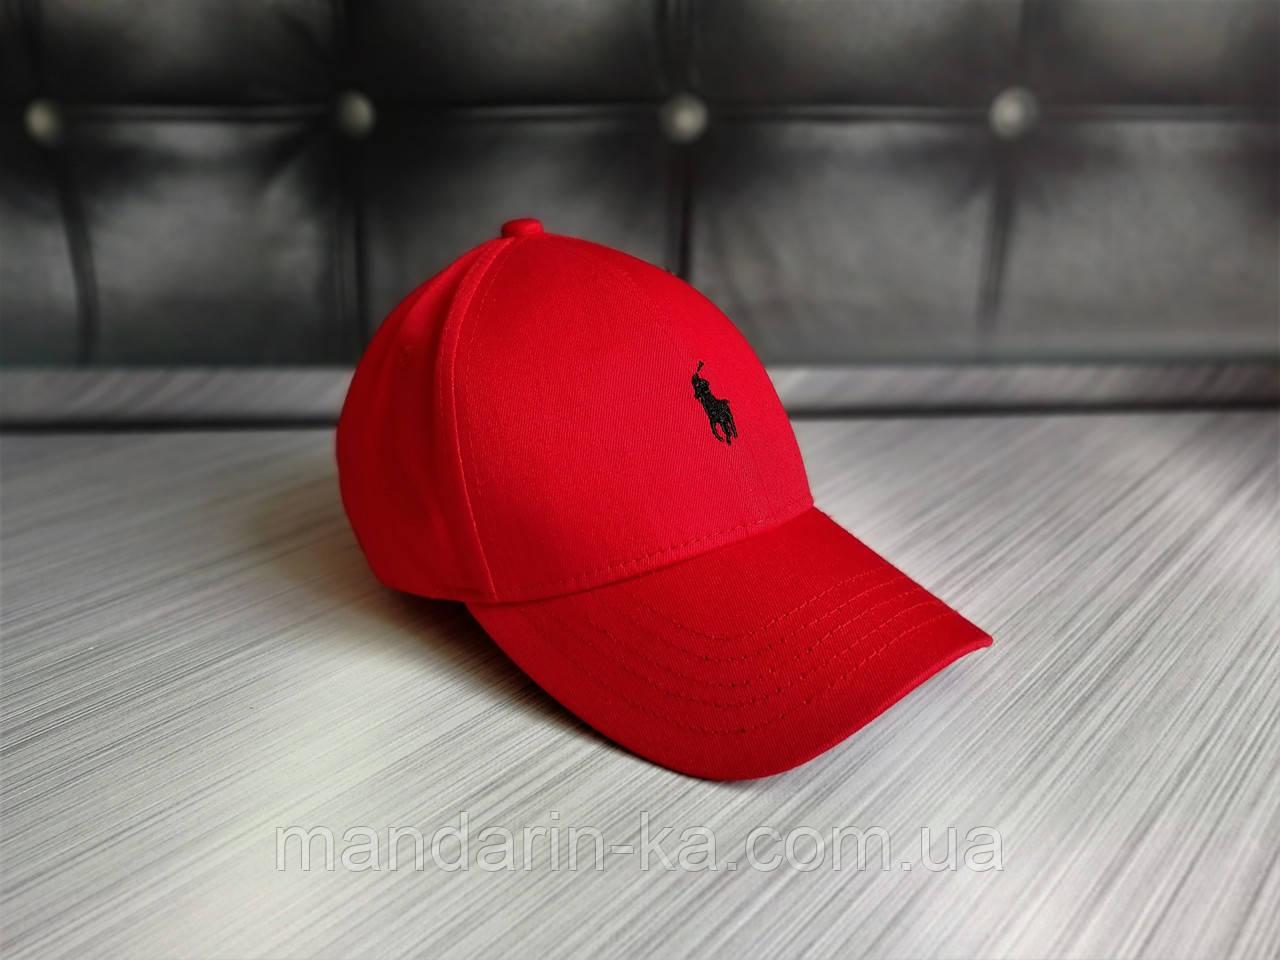 Кепка бейсболка блайзер Polo Ralph Lauren Ральф Лорен красная (реплика), фото 1